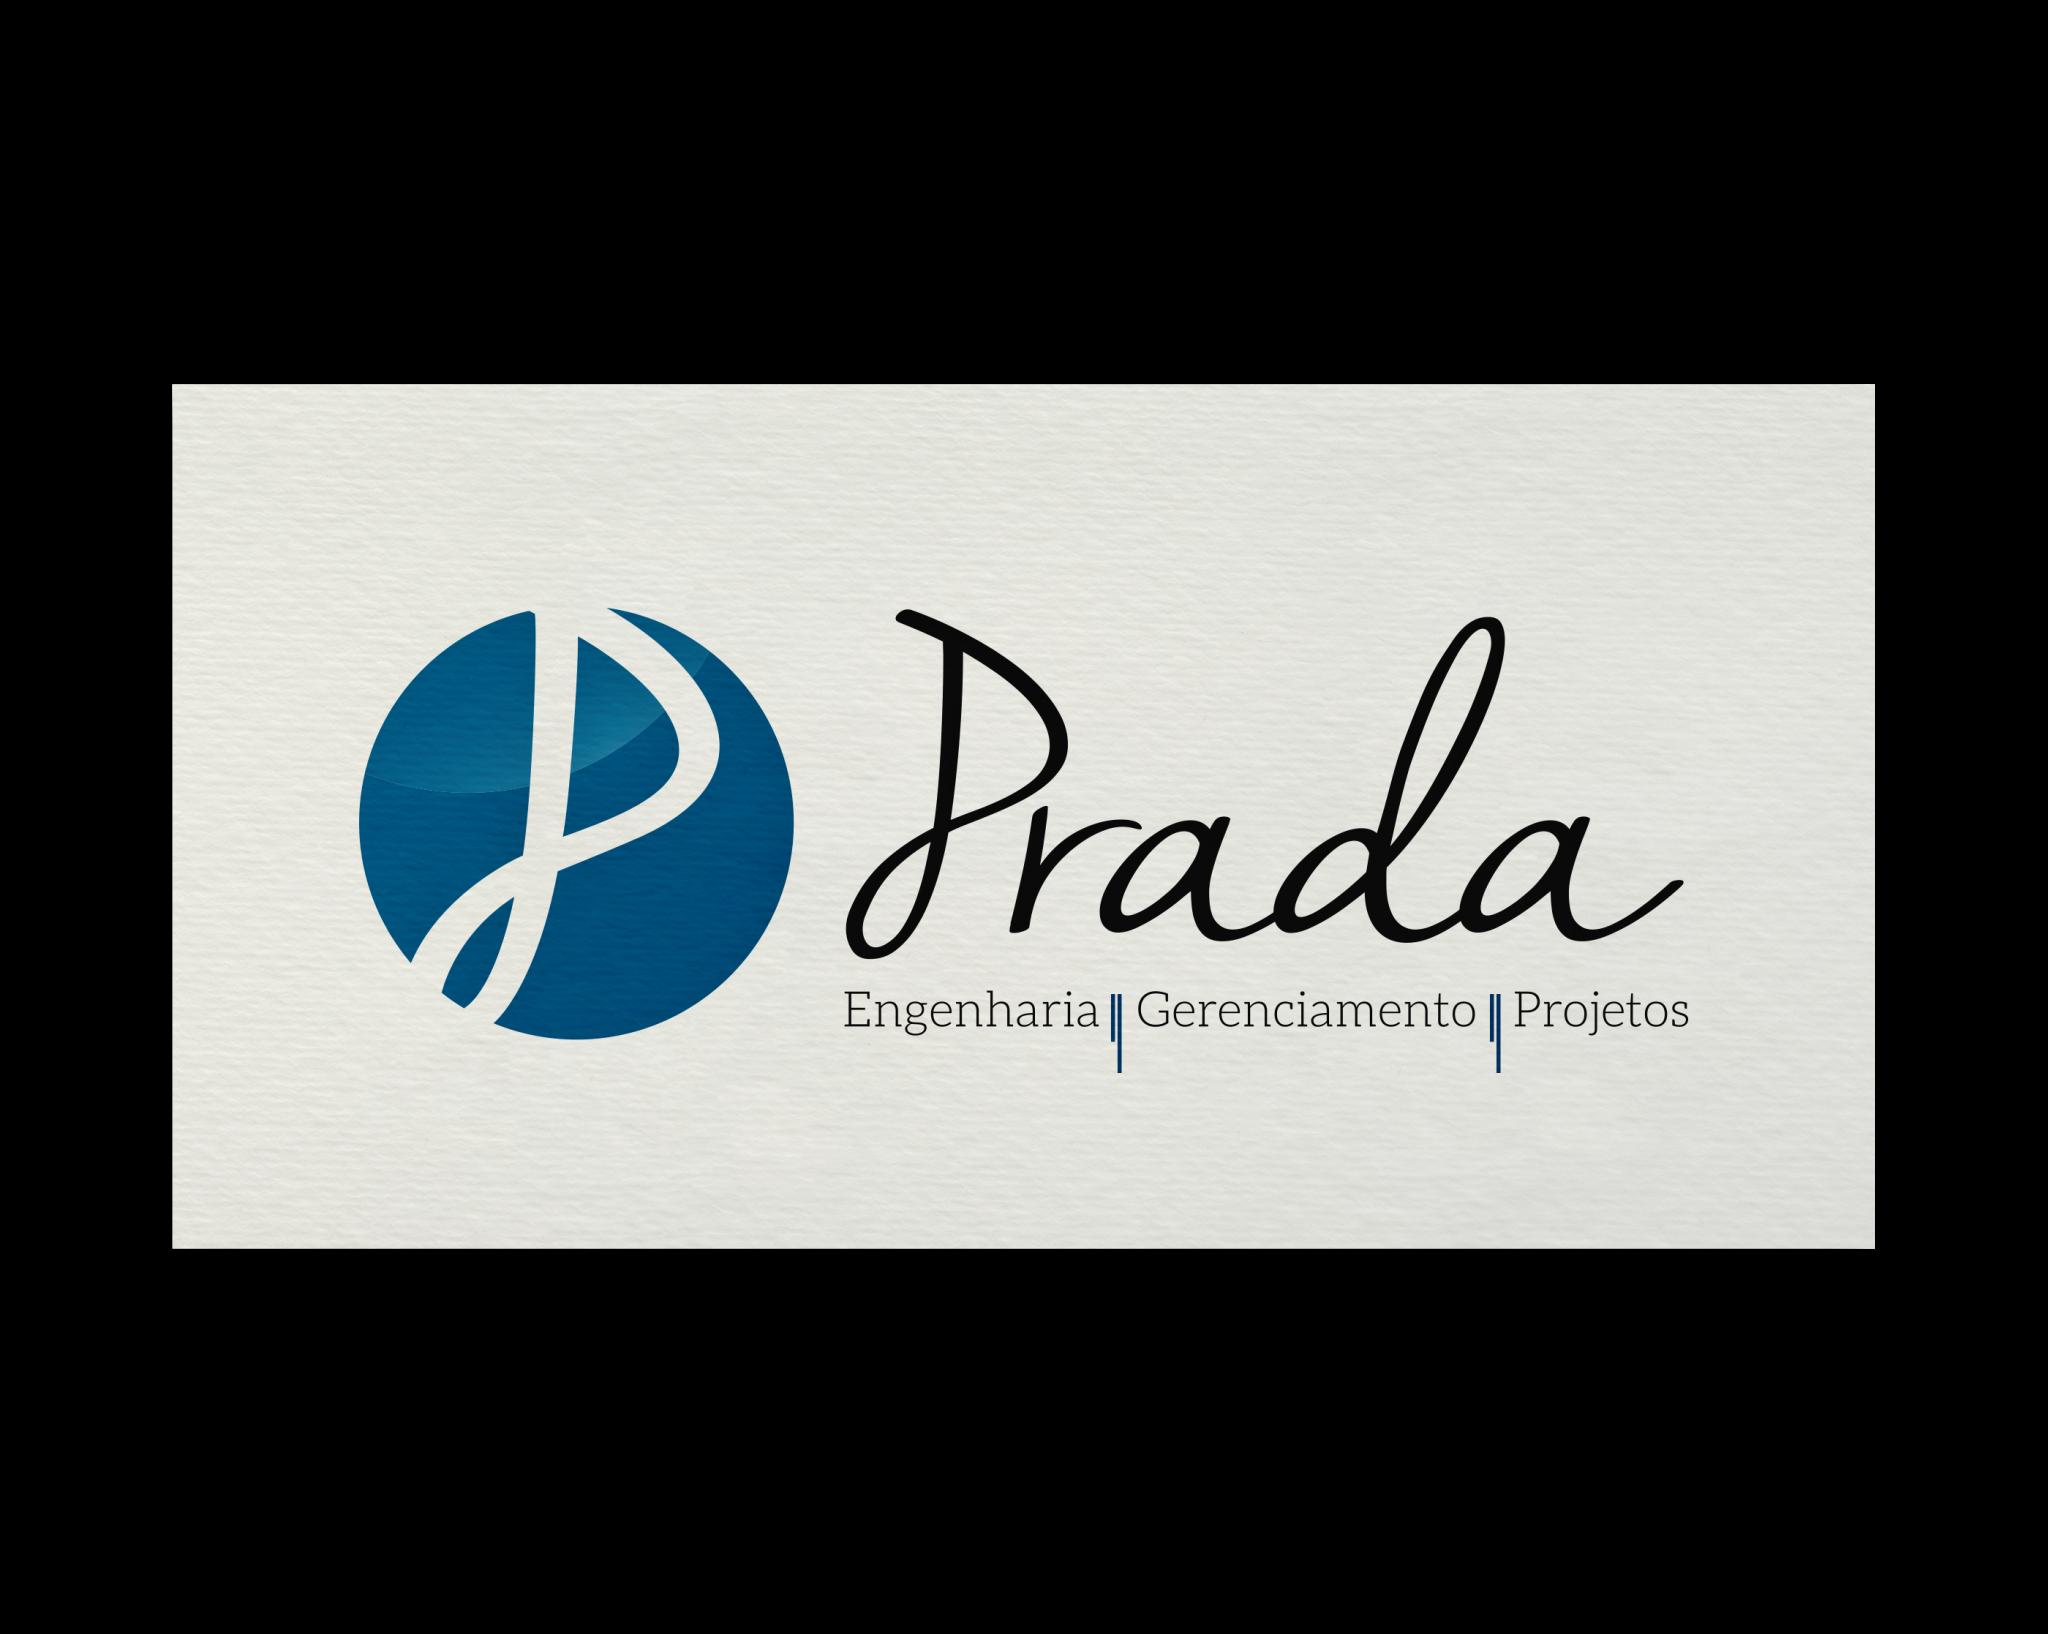 Criação de sites em são paulo, Criação de sites na mooca, Publicidade para pequenas empresas, Publicidade para empresas pequenas, Marketing para empresas pequenas, Marketing para pequenas e médias empresas, Marketing para empresas em São Paulo.